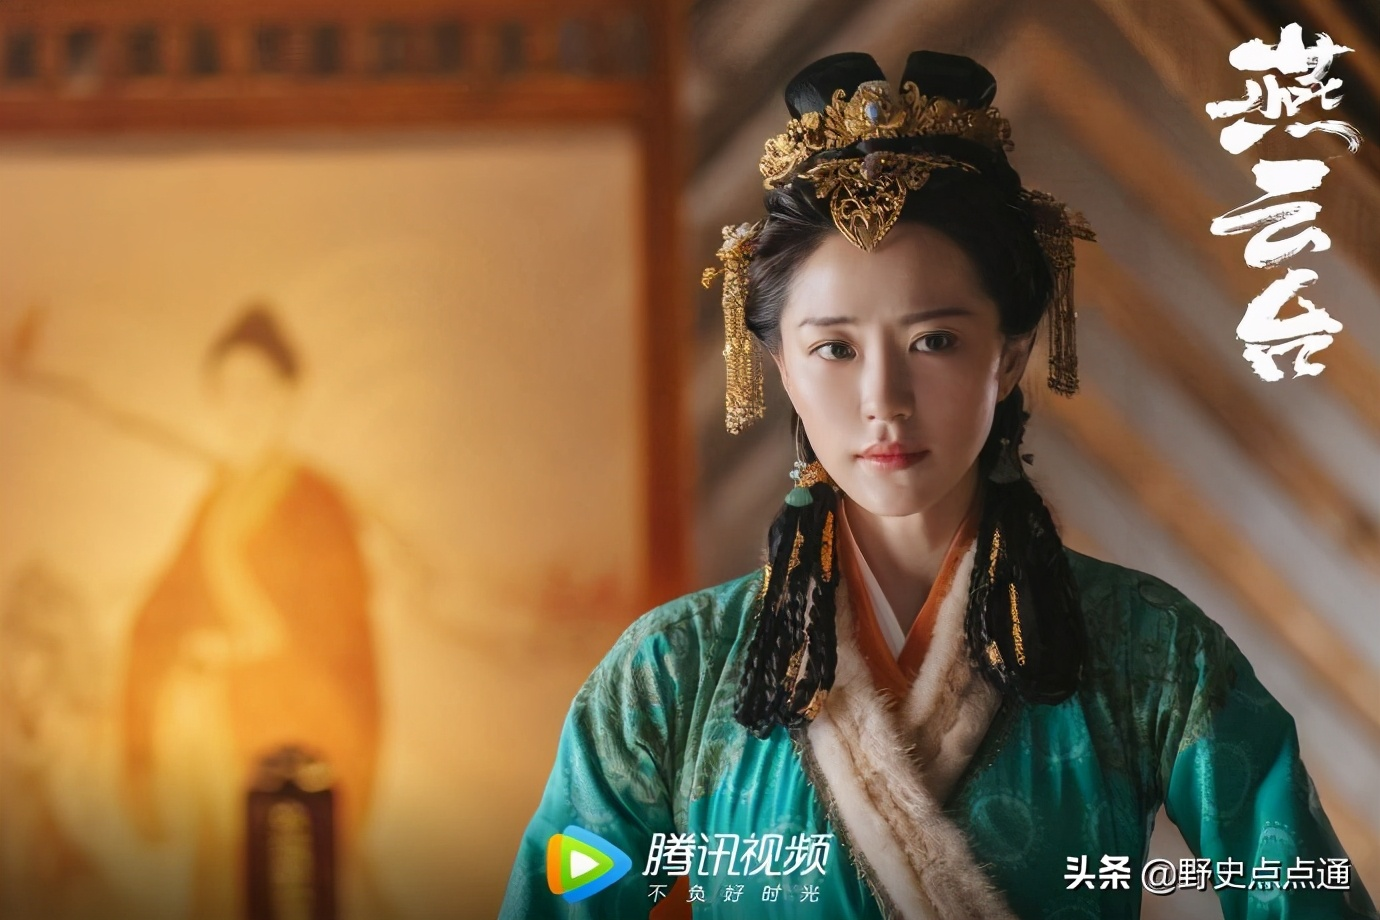 经超《燕云台》:34岁驾崩,除了萧燕燕,还有一个妃子生了女儿